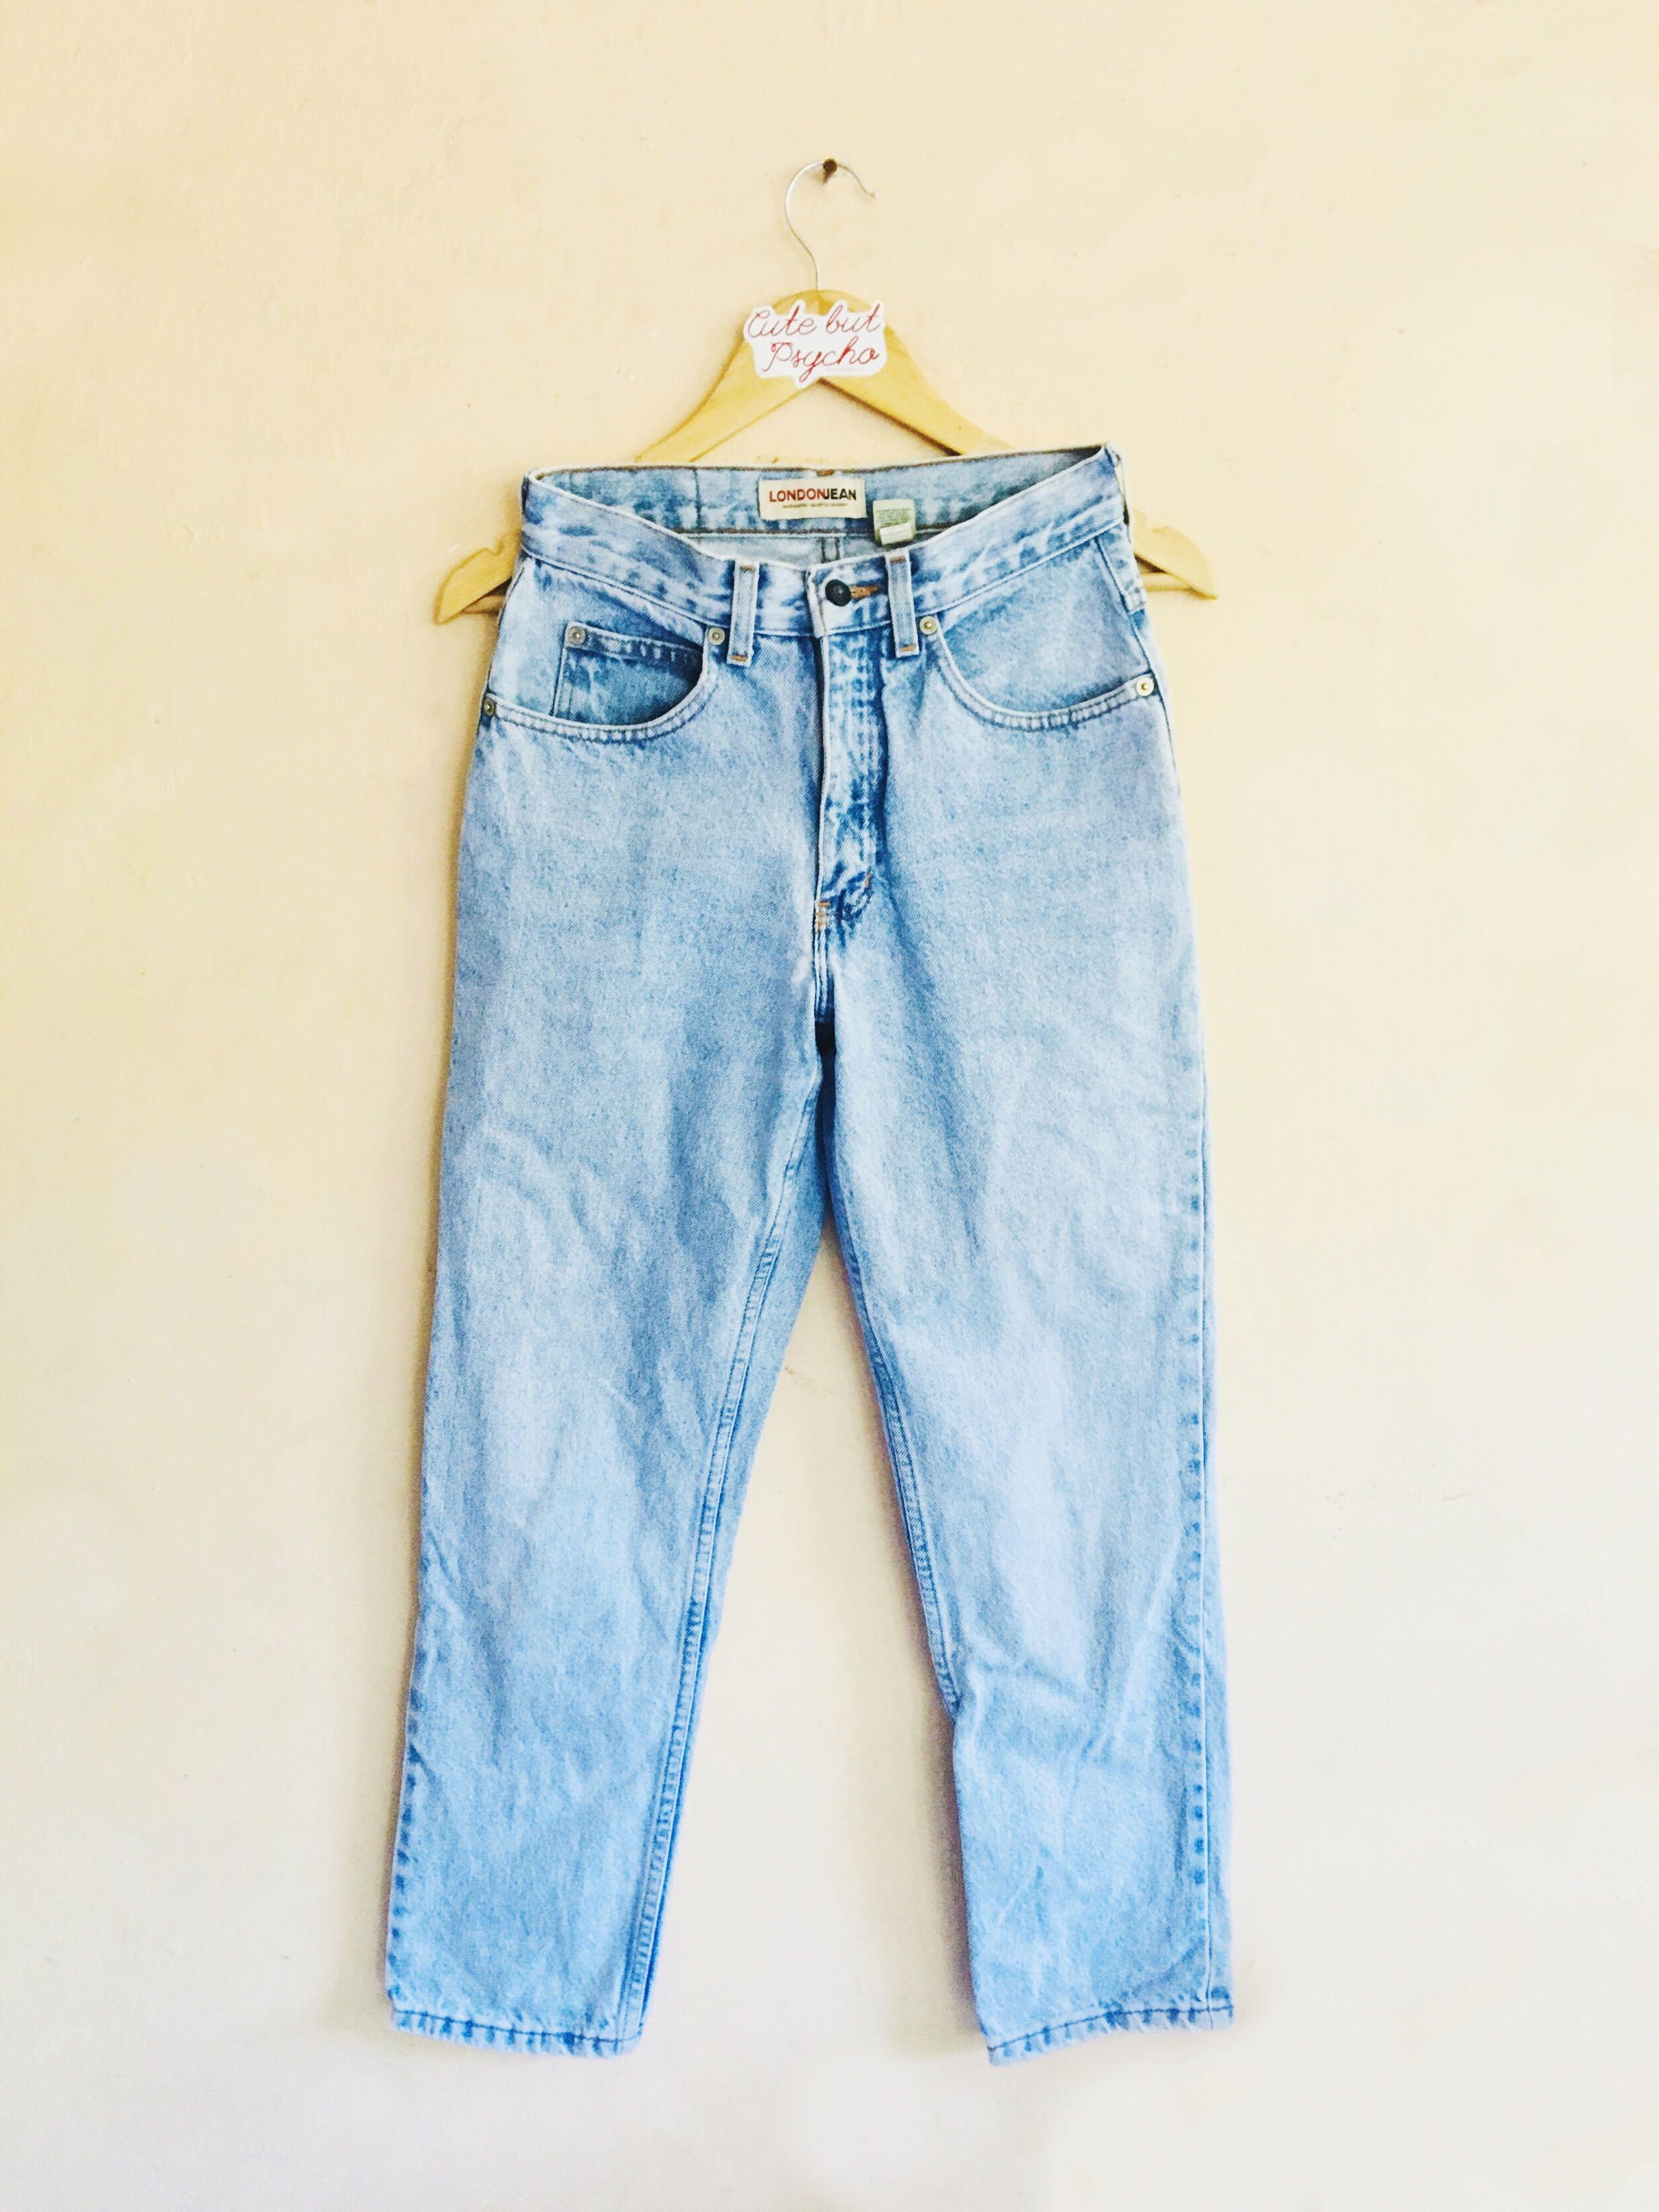 London Jean Lightwashed Blue Highwaisted Mom Jeans